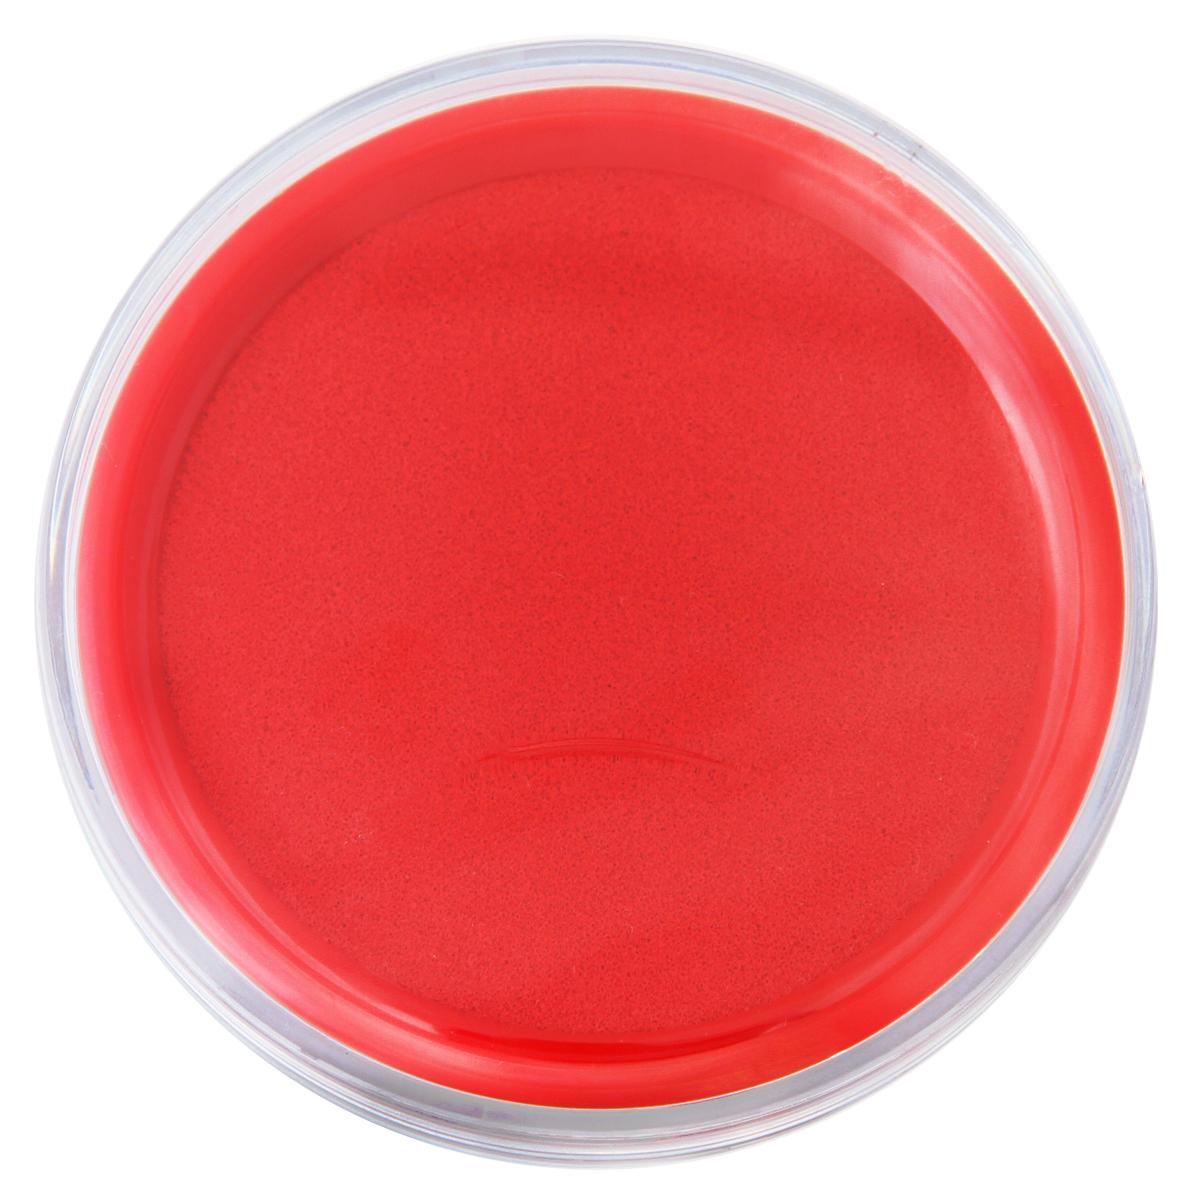 得力(deli)9863 圆形透明外壳快干印台 蓝色/红色 红色